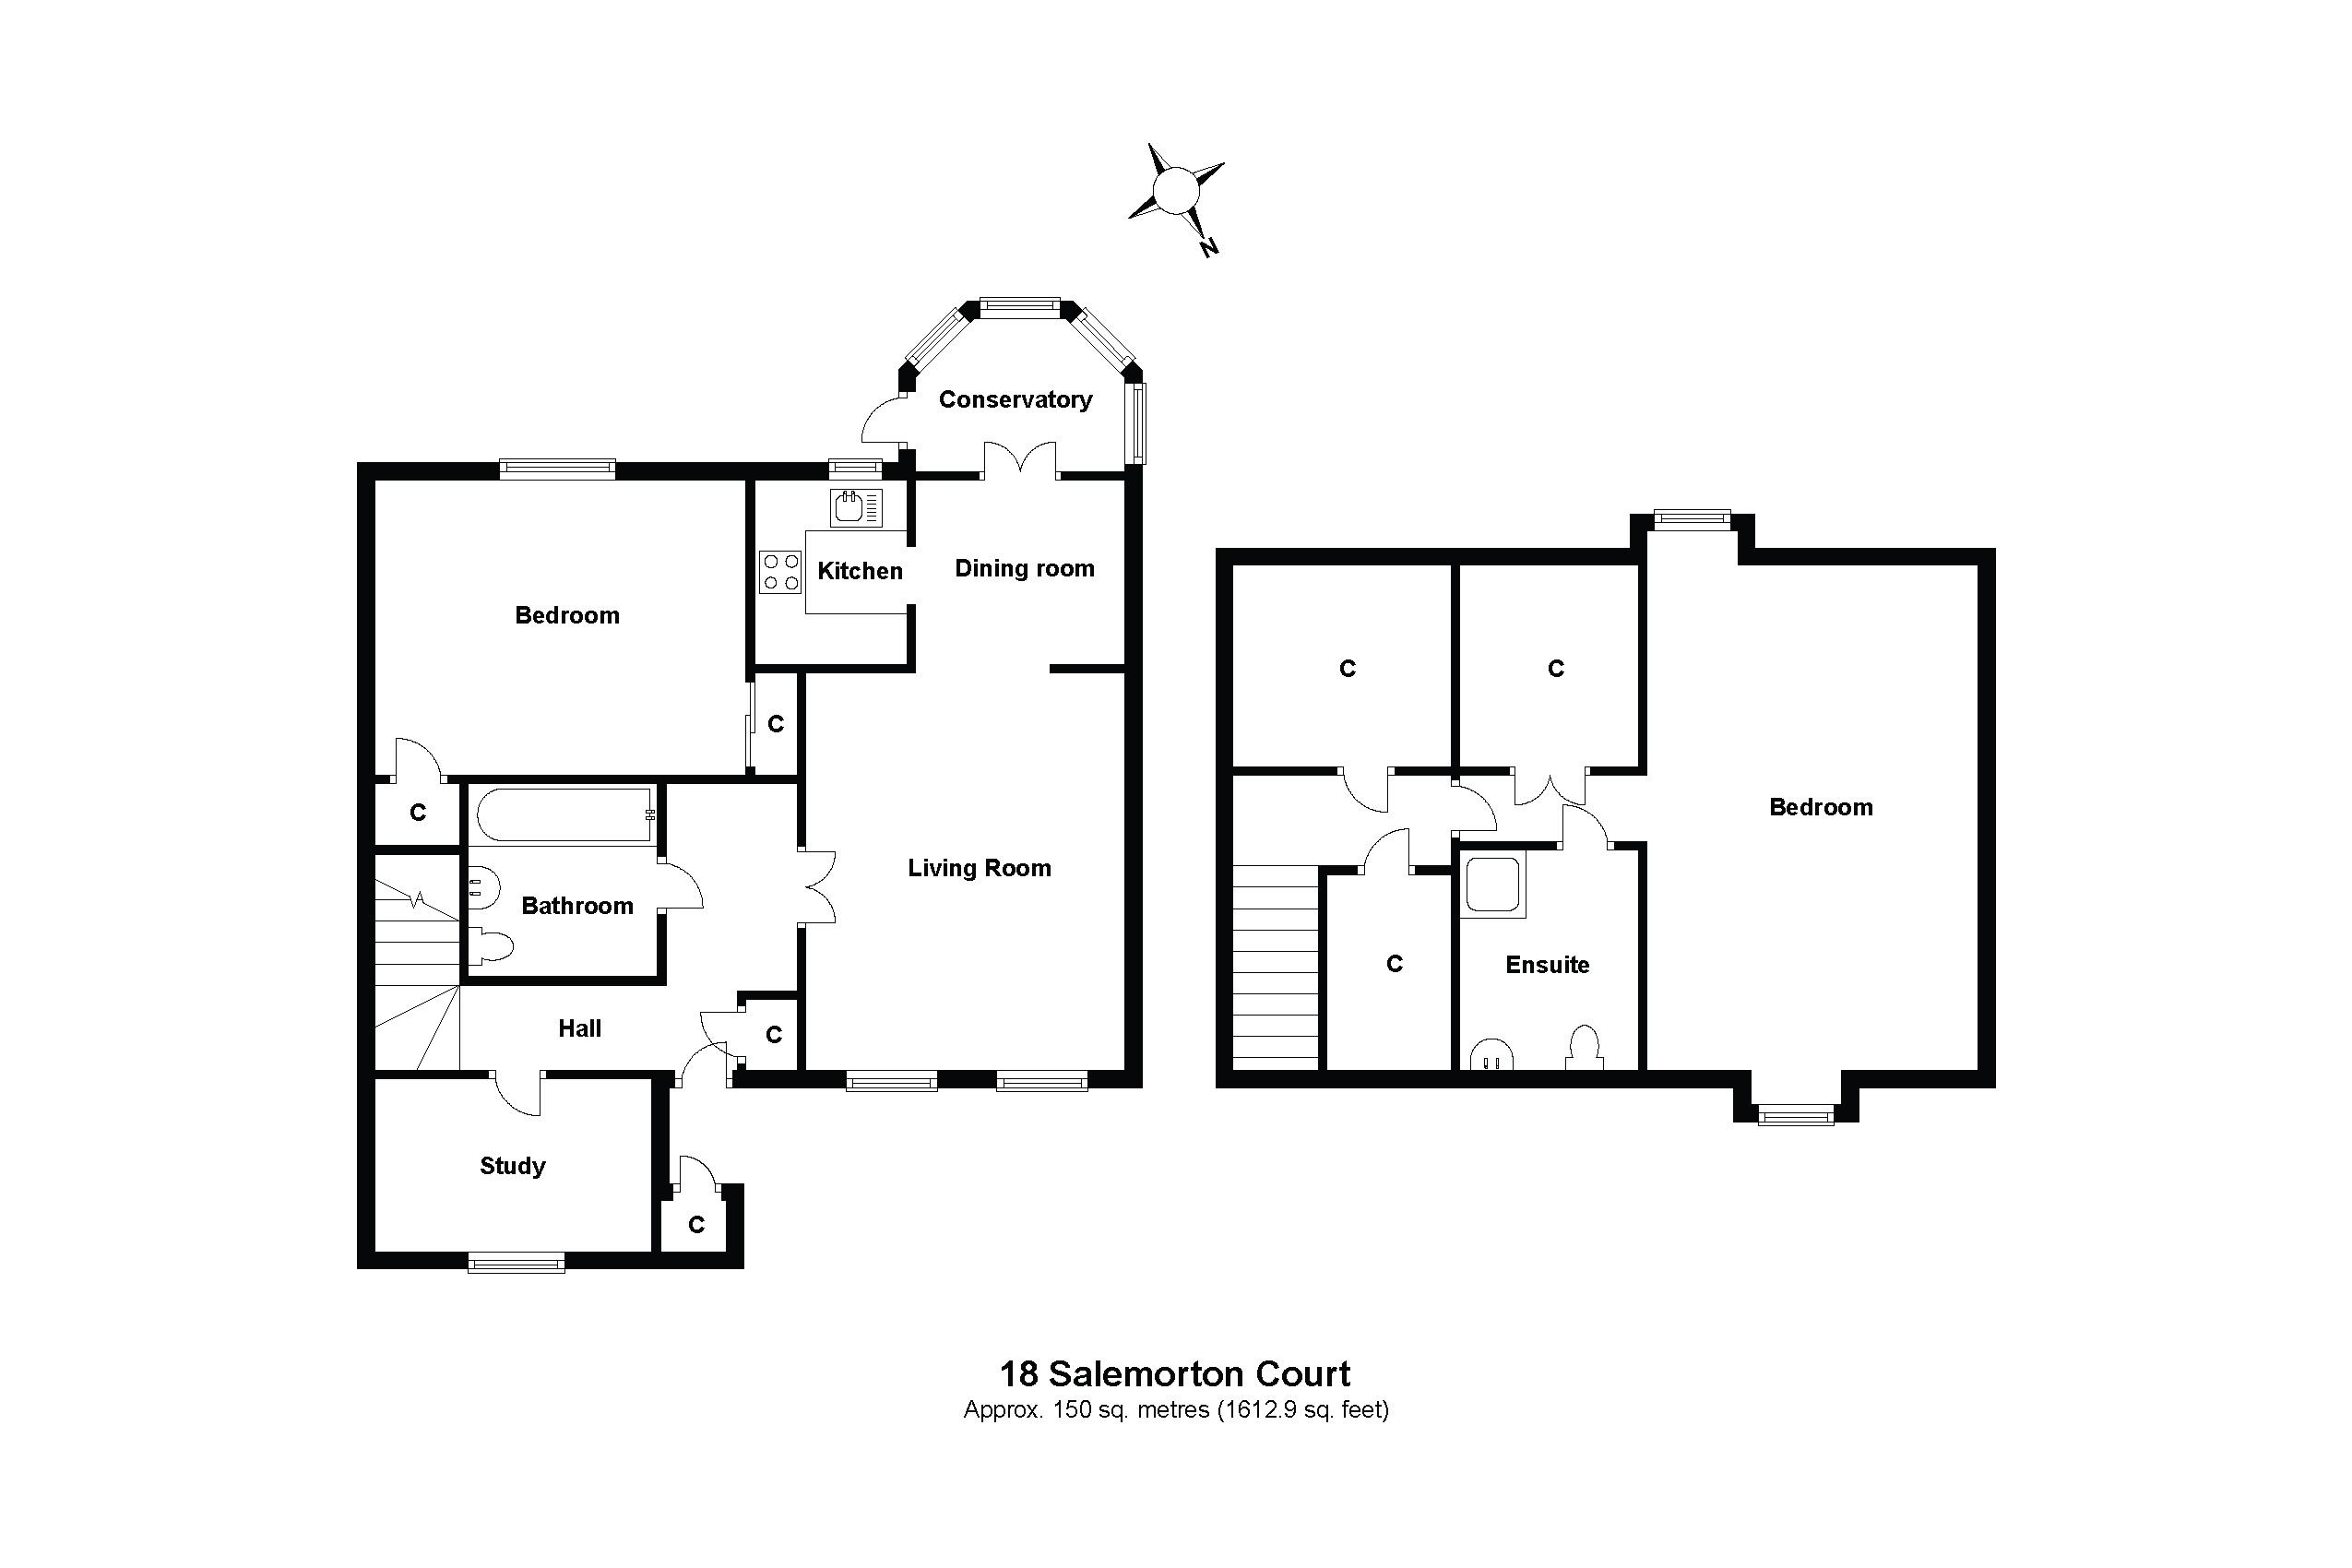 18 Salemorton Court Floorplan